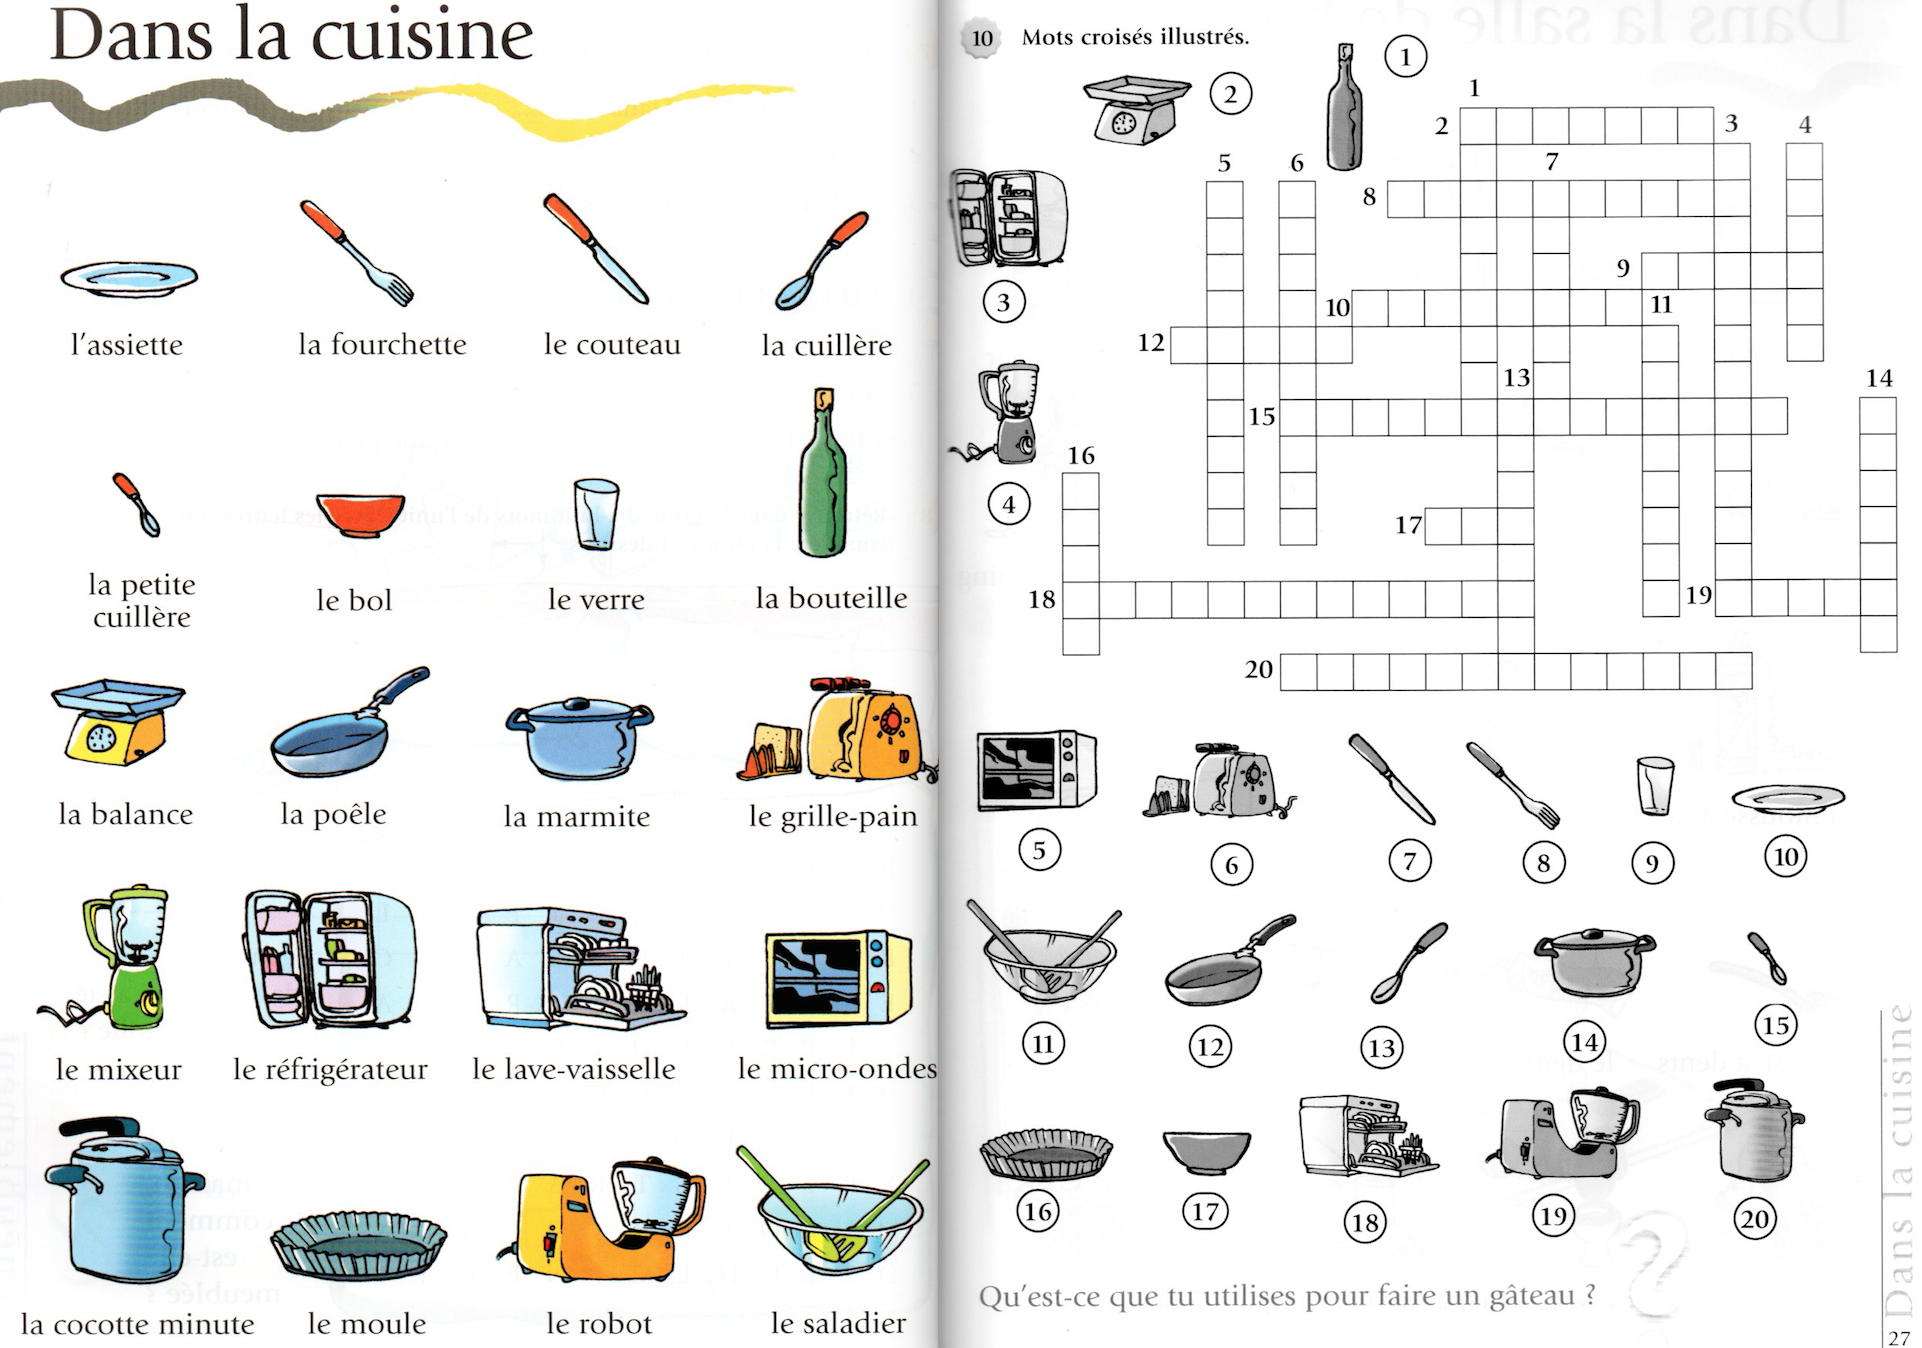 Mots crois s de la cuisine a1 le fran ais de jeu s Ustensiles de cuisine liste avec photos